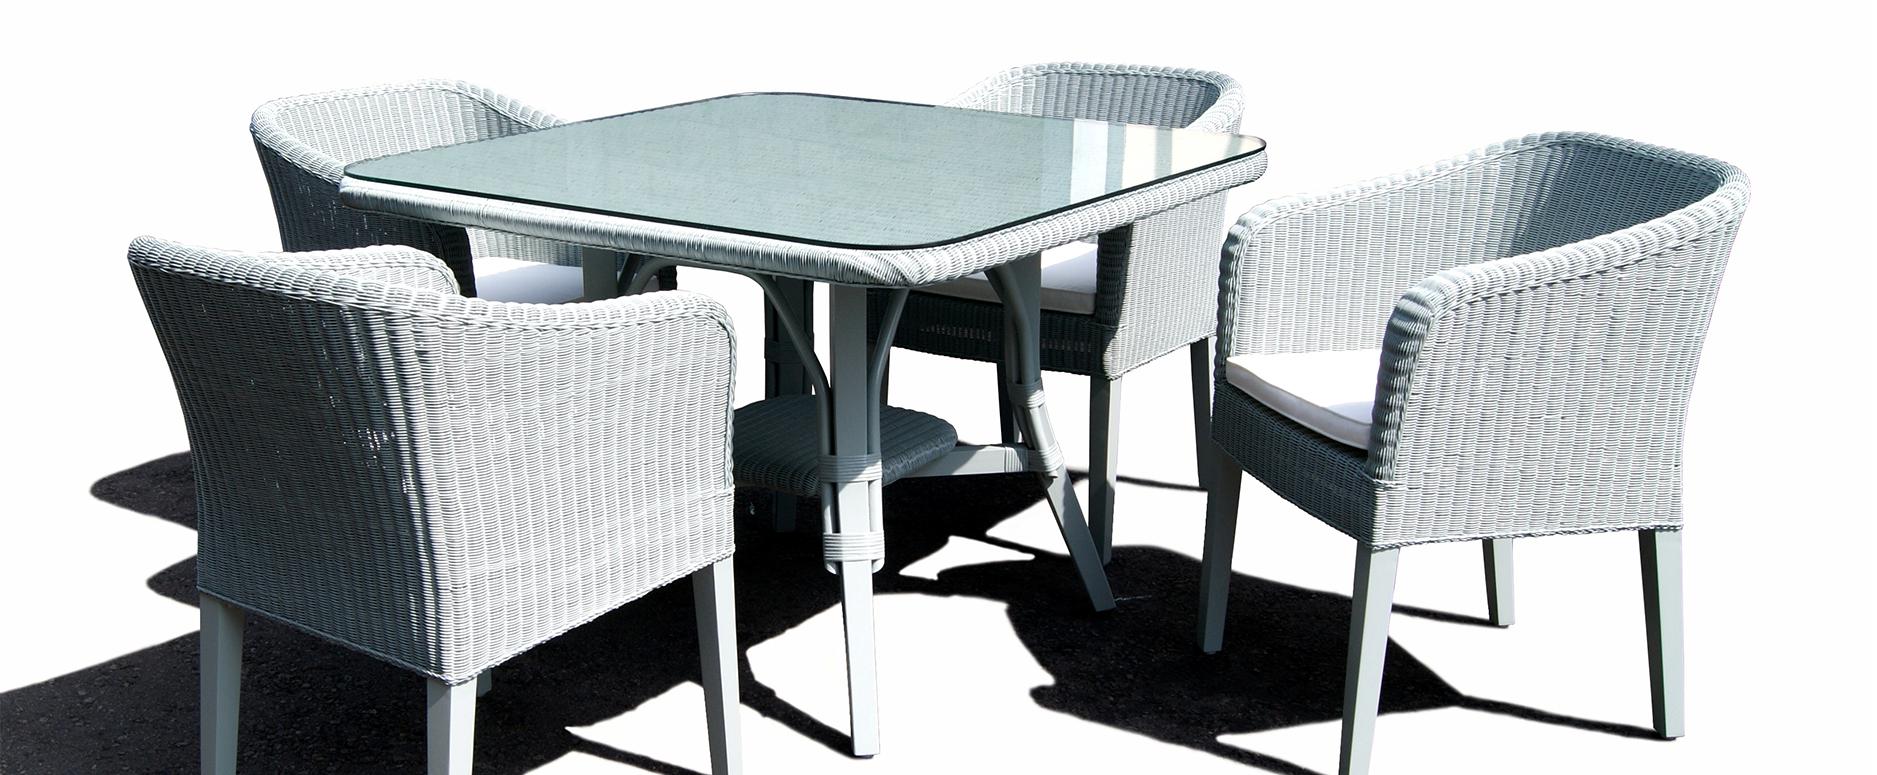 B14-WR 1002 Arm chair- SLIDE 1